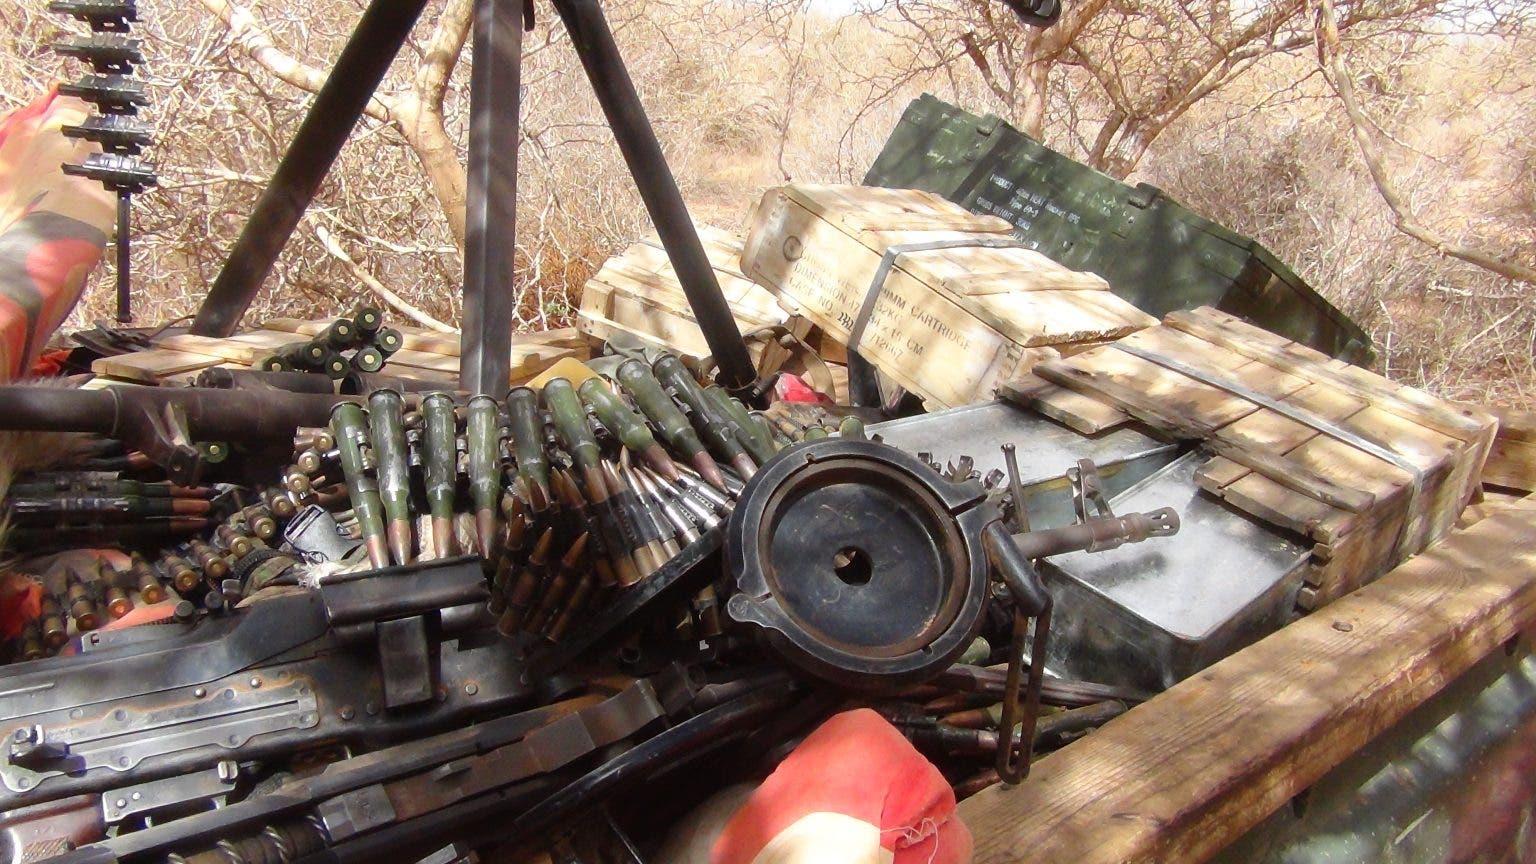 Sawirro: Al-Shabaab oo soo bandhigay gaadiid iyo hub 'ay ku qabsadeen' Camaara